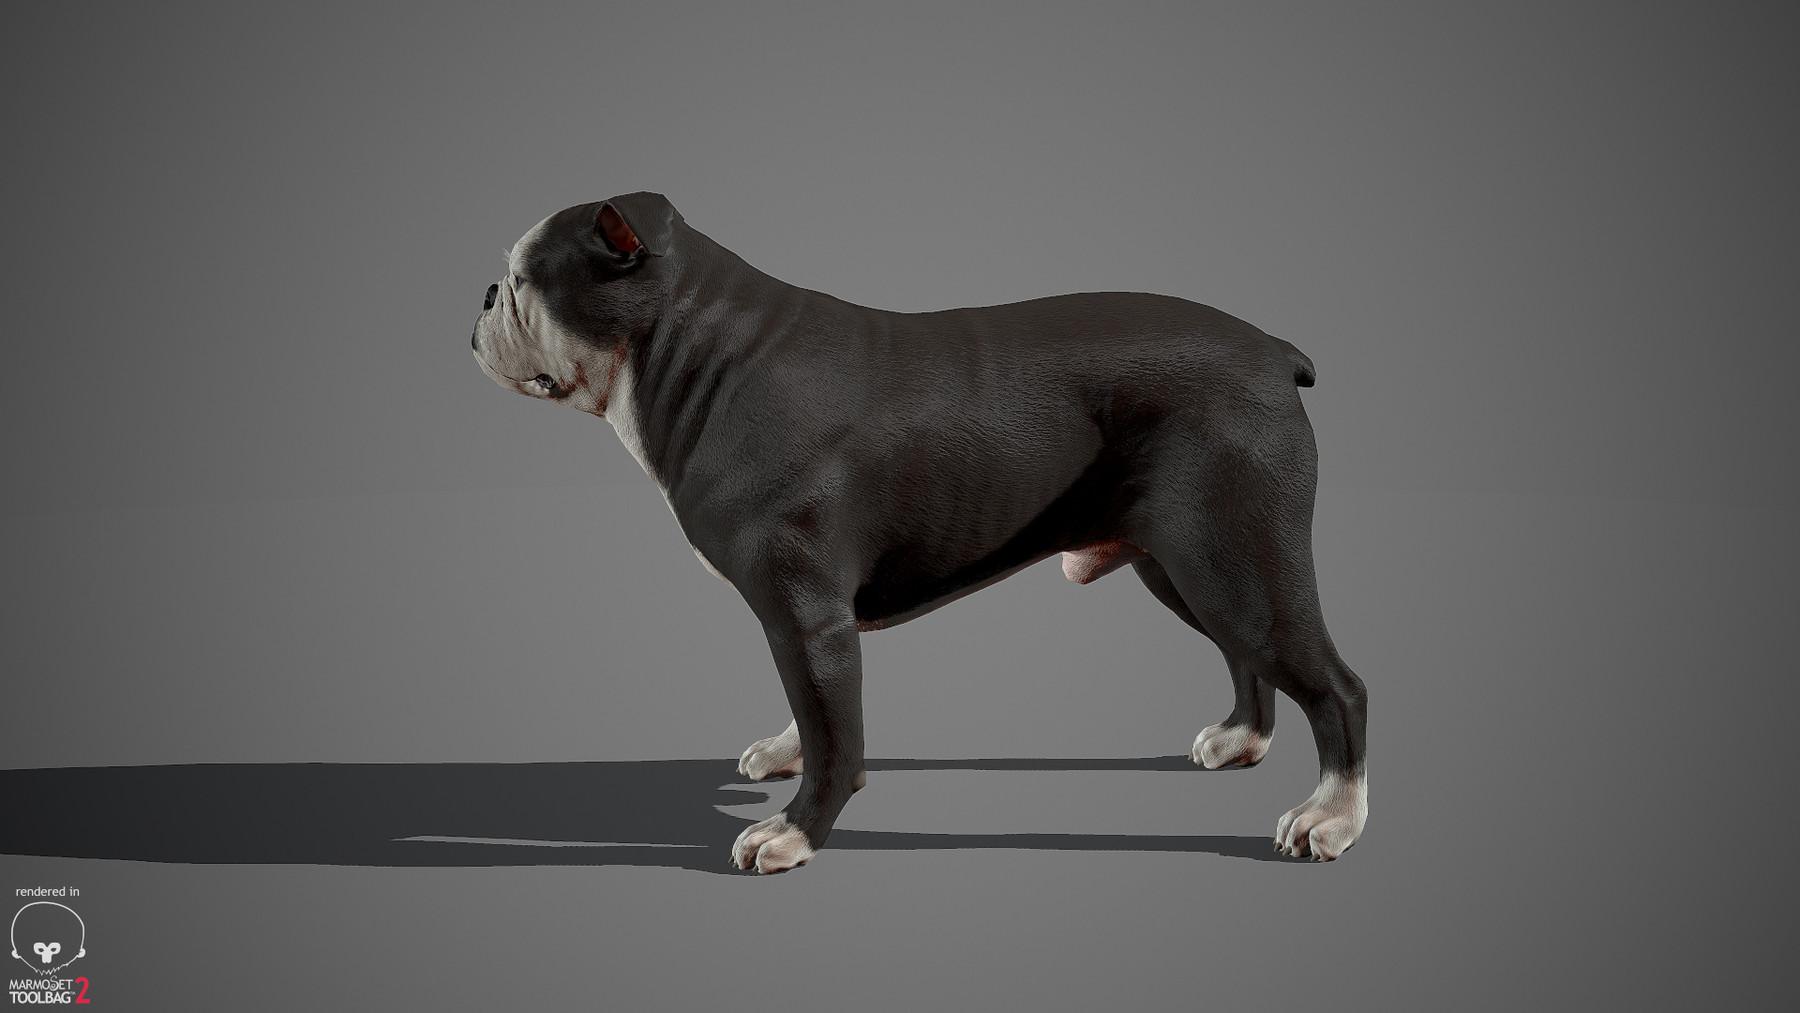 Englishbulldog by alexlashko marmoset 09